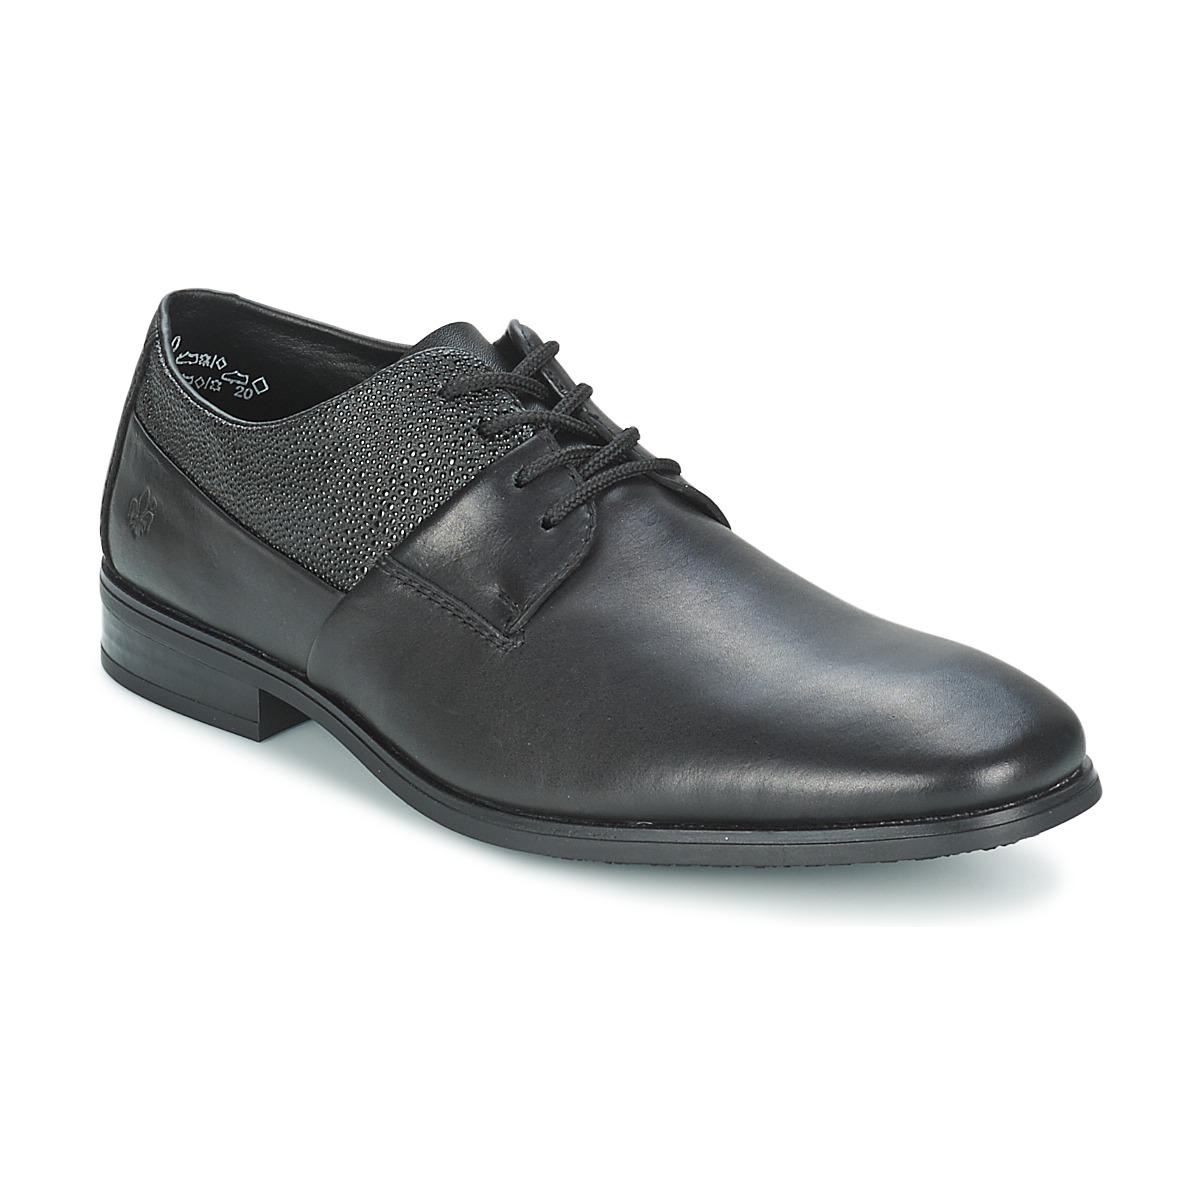 Chaussure homme ville haut de gamme